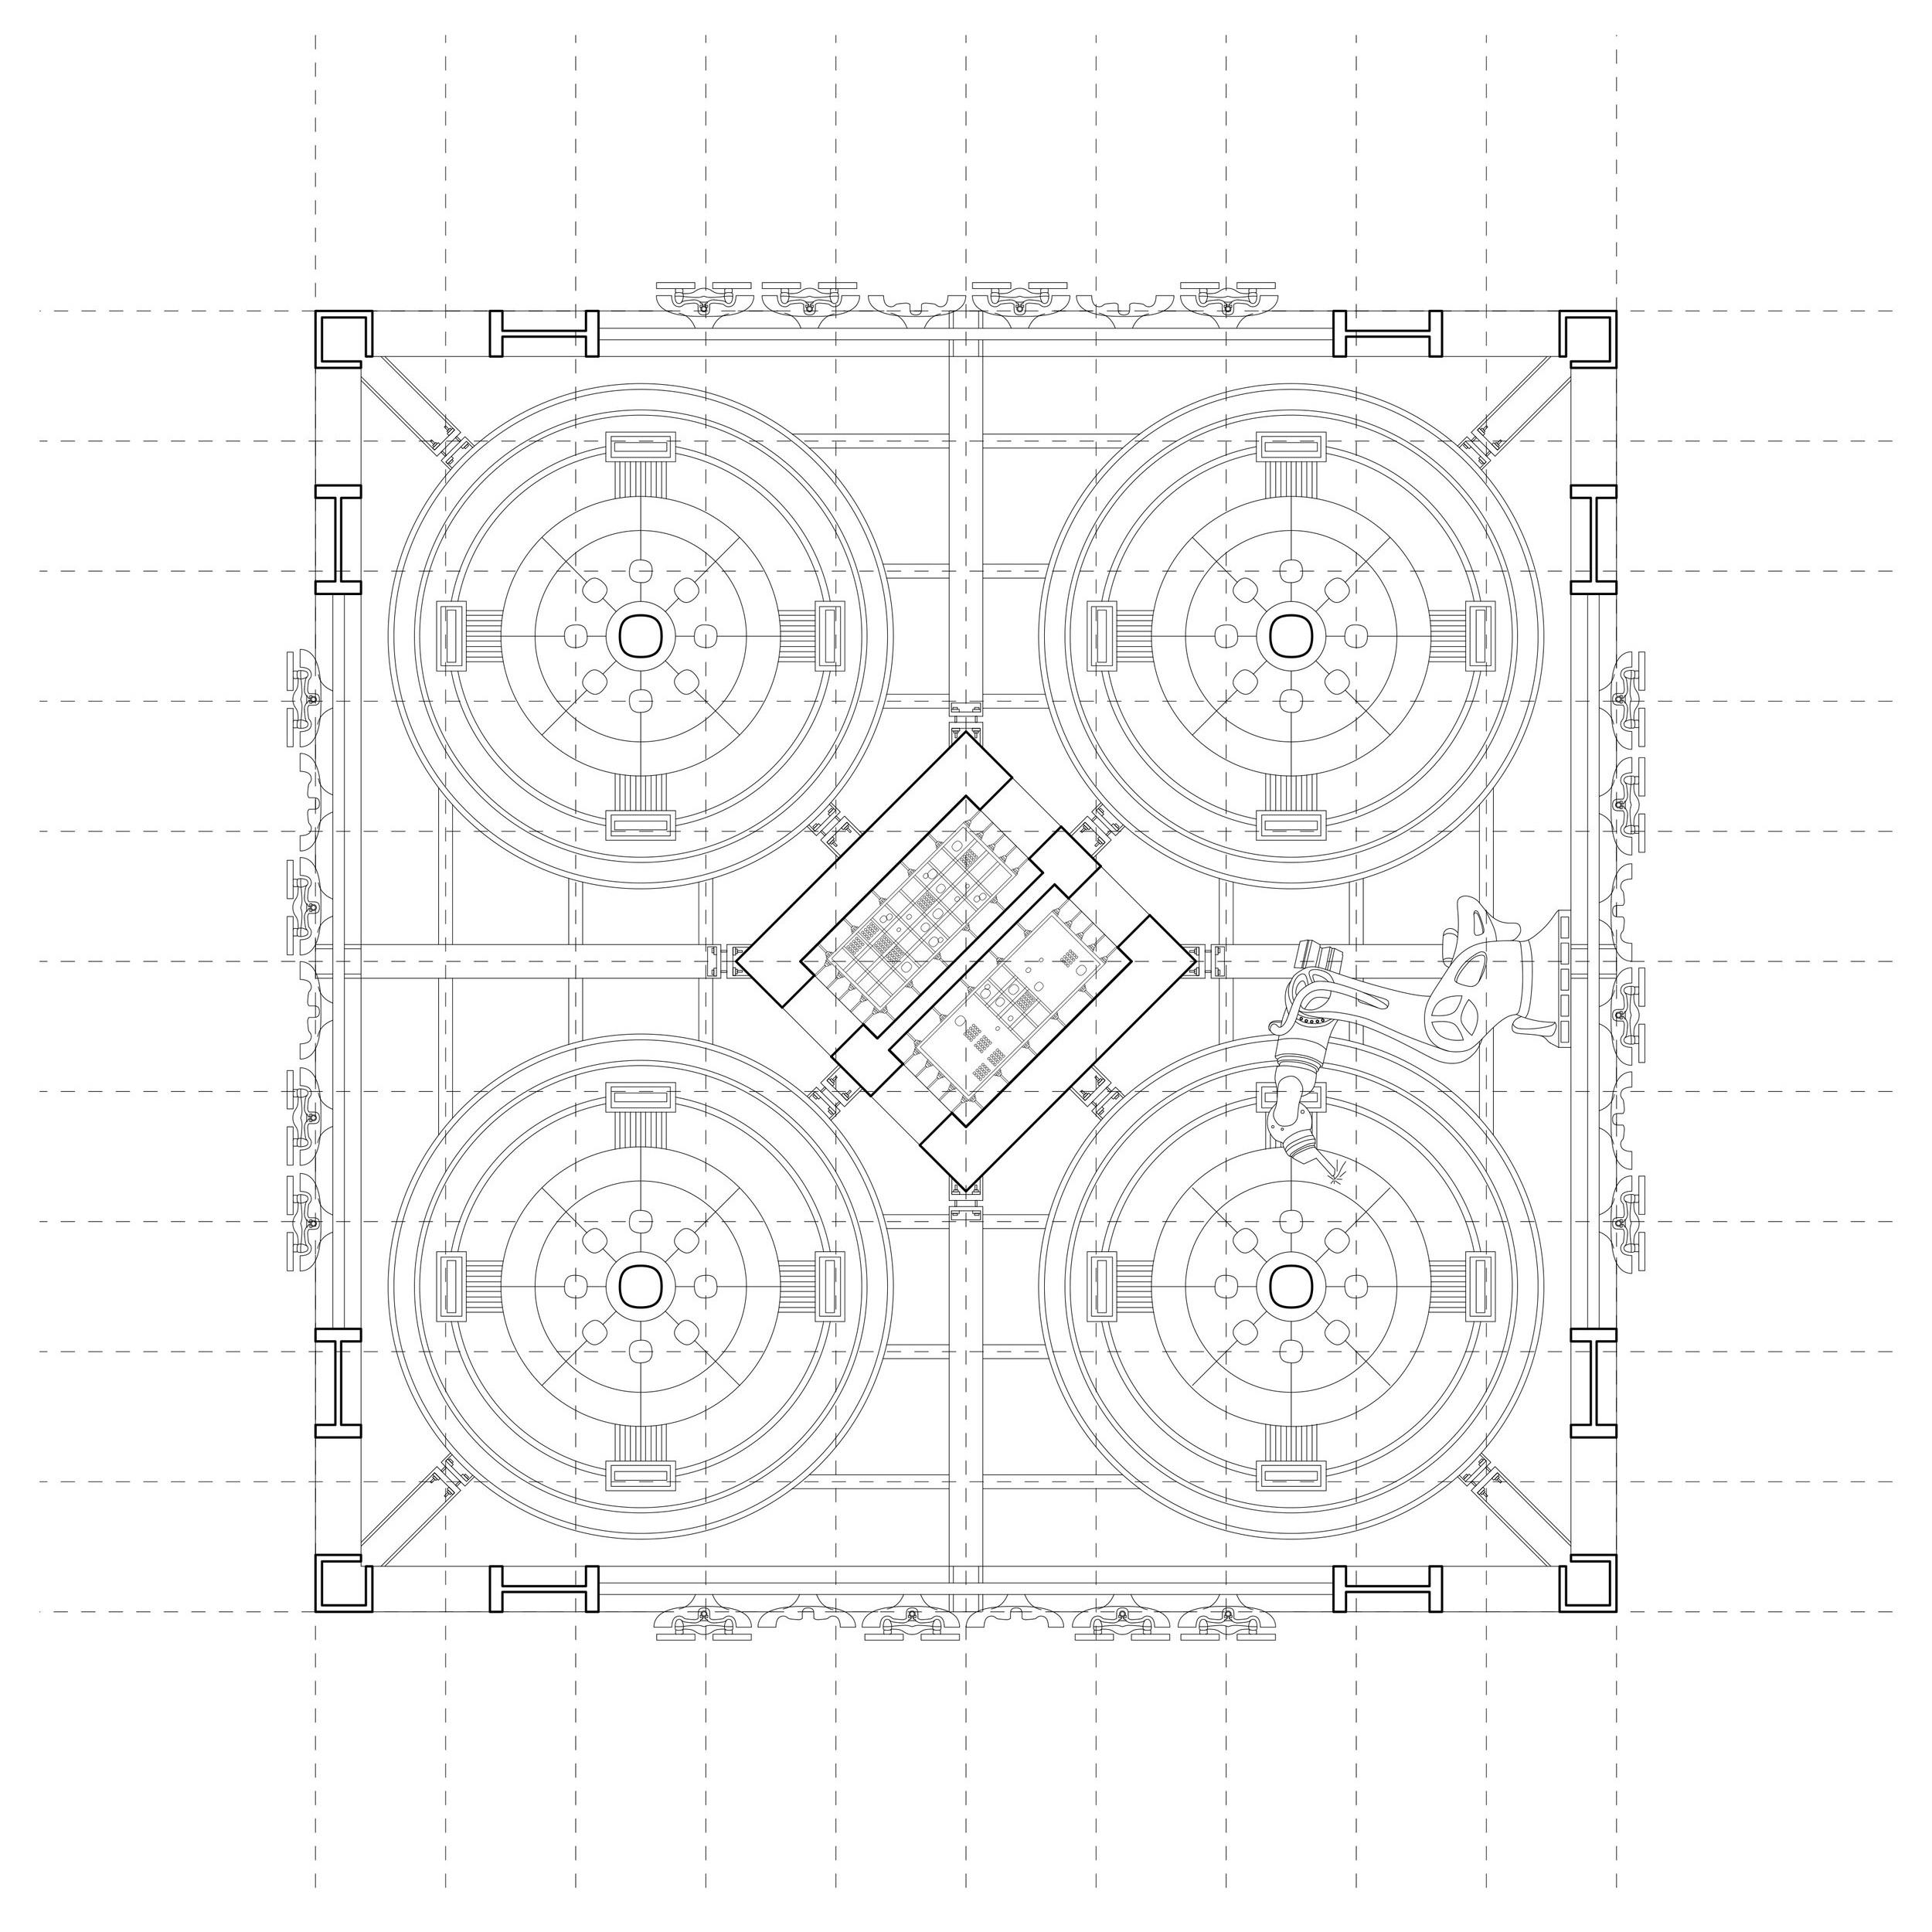 190509_Plans_1-100-3.jpg